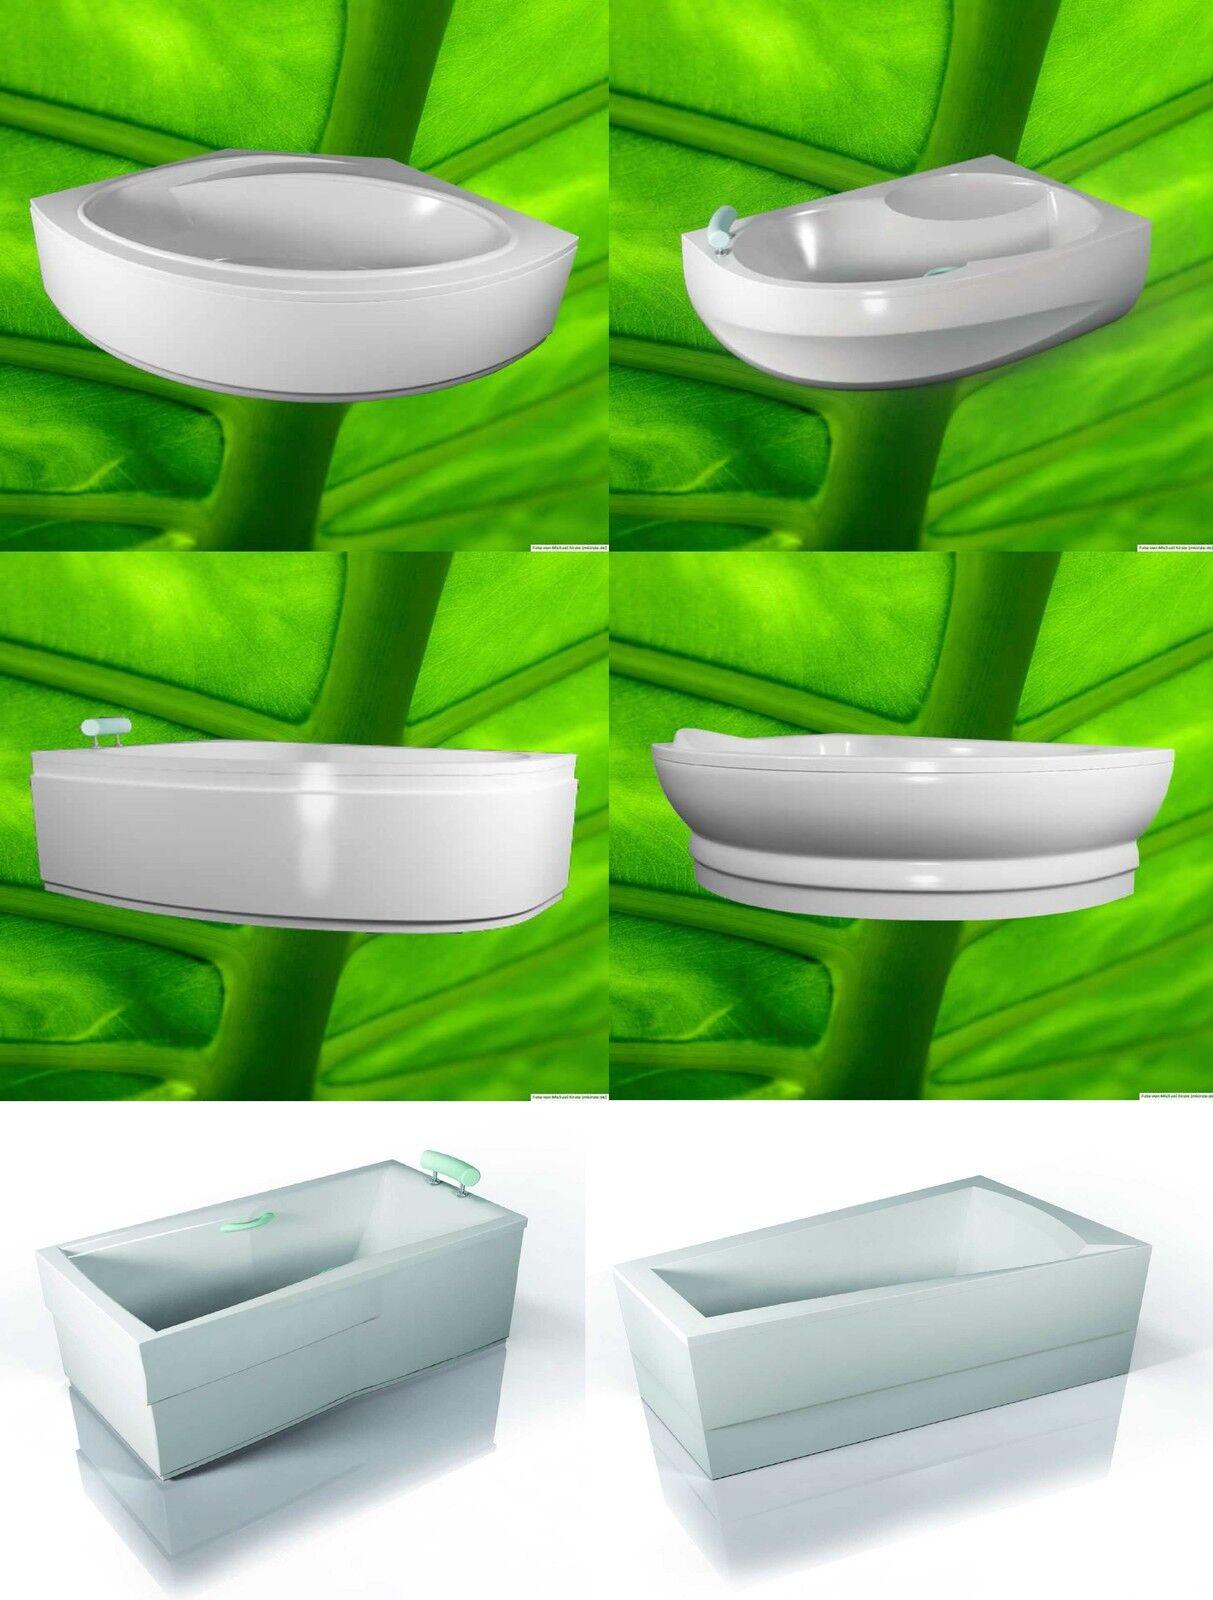 Badewannenschürze - Acrylschürze - passend zu Ihrer bei uns gekauften Wanne